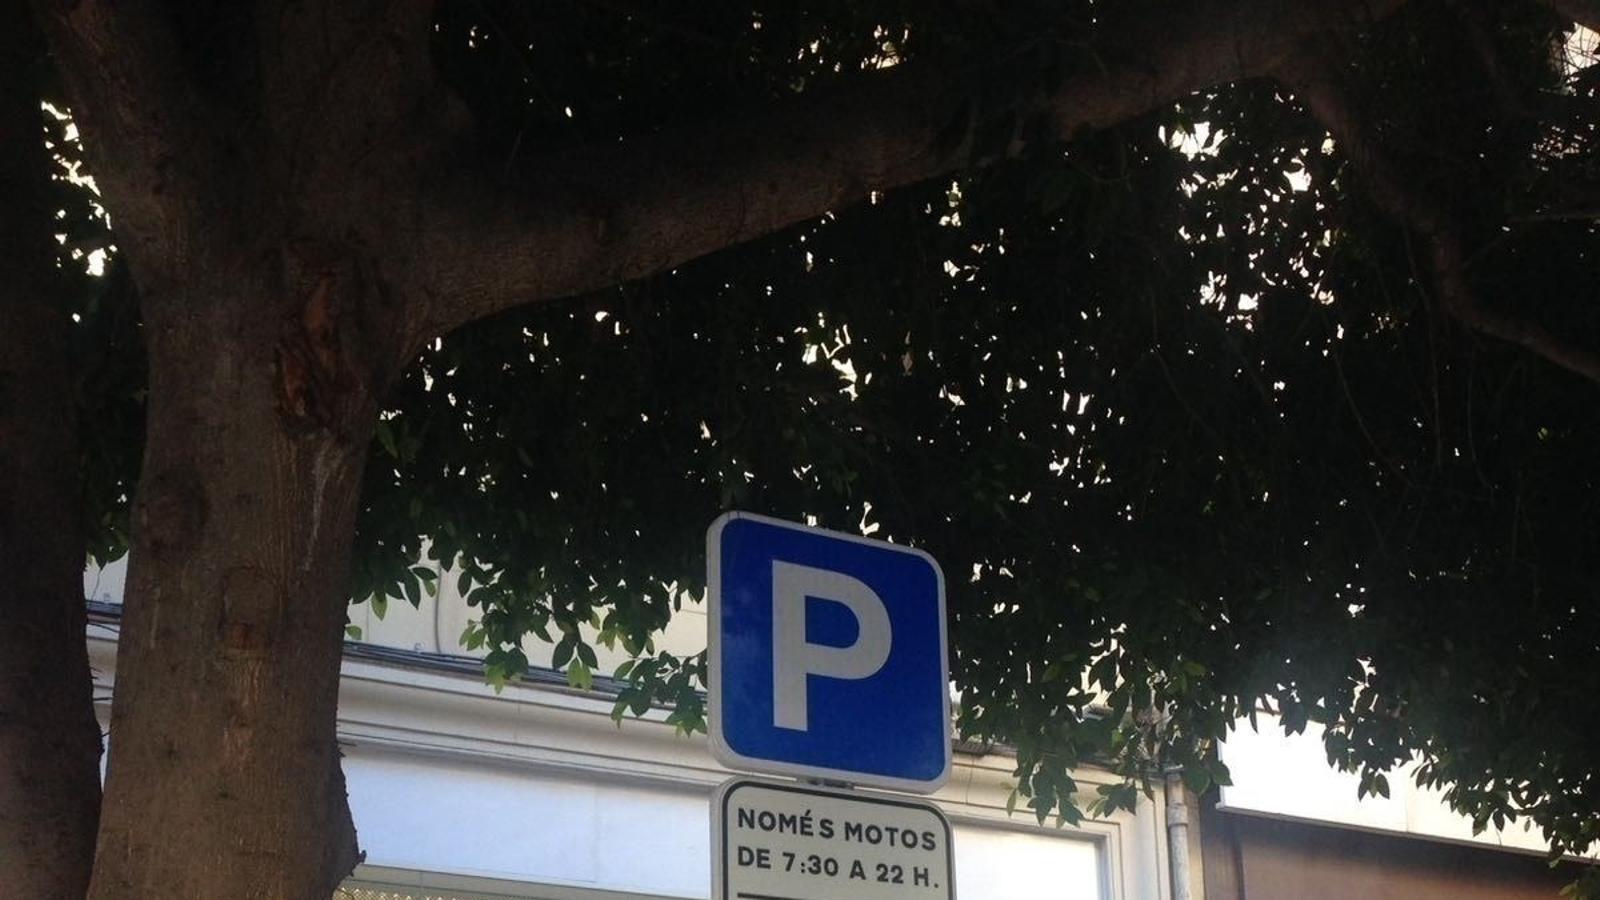 El govern espanyol obliga a retolar en castellà els senyals de trànsit a un municipi del País Valencià